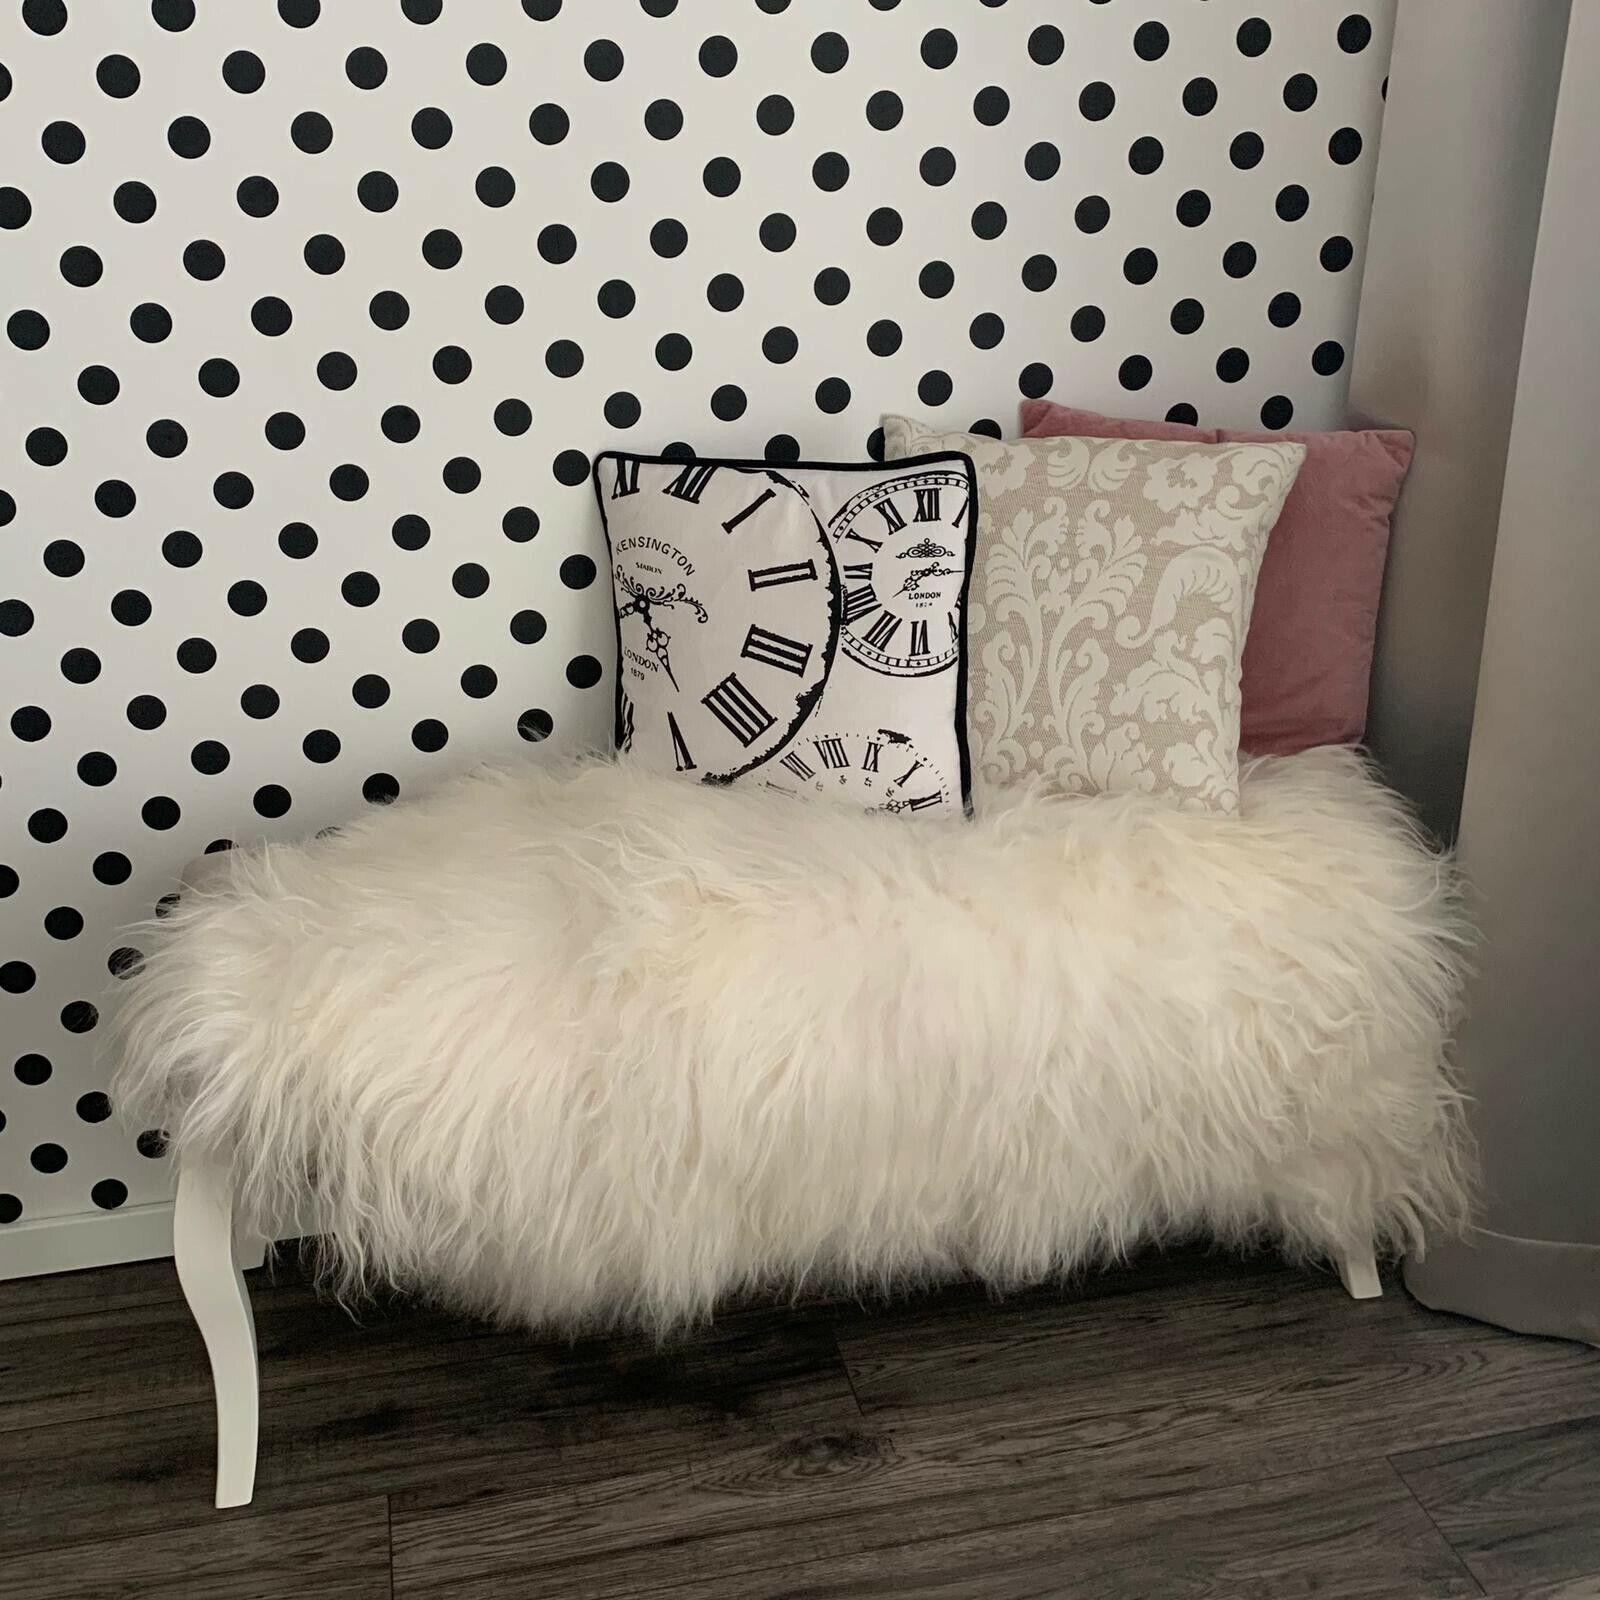 GRANDE Islandese Pelle Di Pecora Tappetino, Morbido Lana extra lungo, bianco naturale, 130x75cm